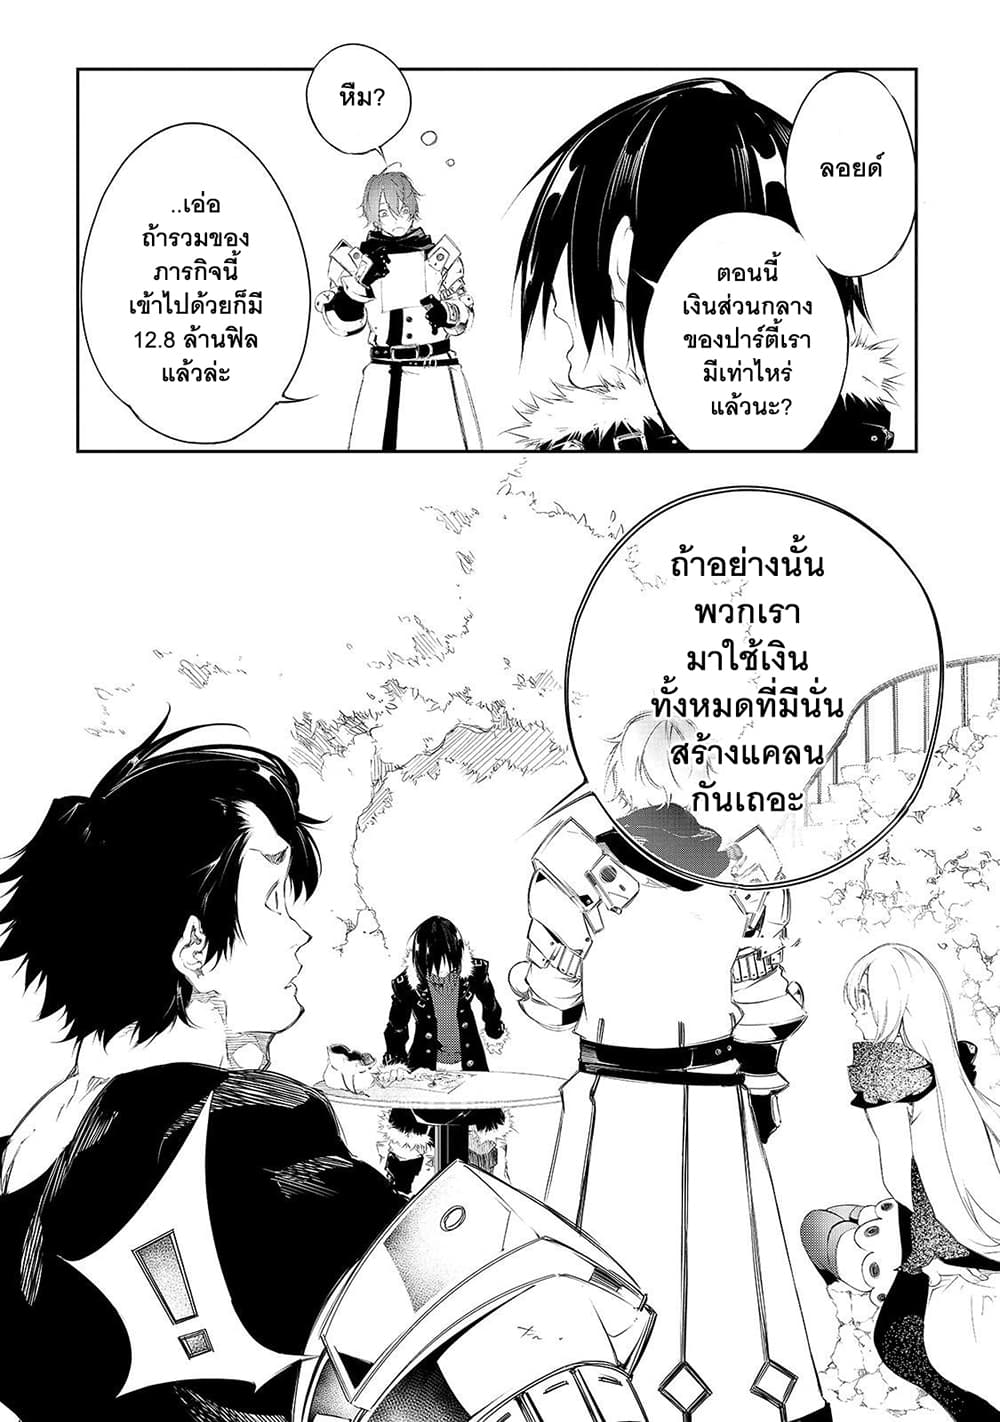 อ่านการ์ตูน Saikyou no Shien-shoku Wajutsushi Dearu Ore wa Sekai Saikyou Kuran o Shitagaeru ตอนที่ 3 หน้าที่ 16